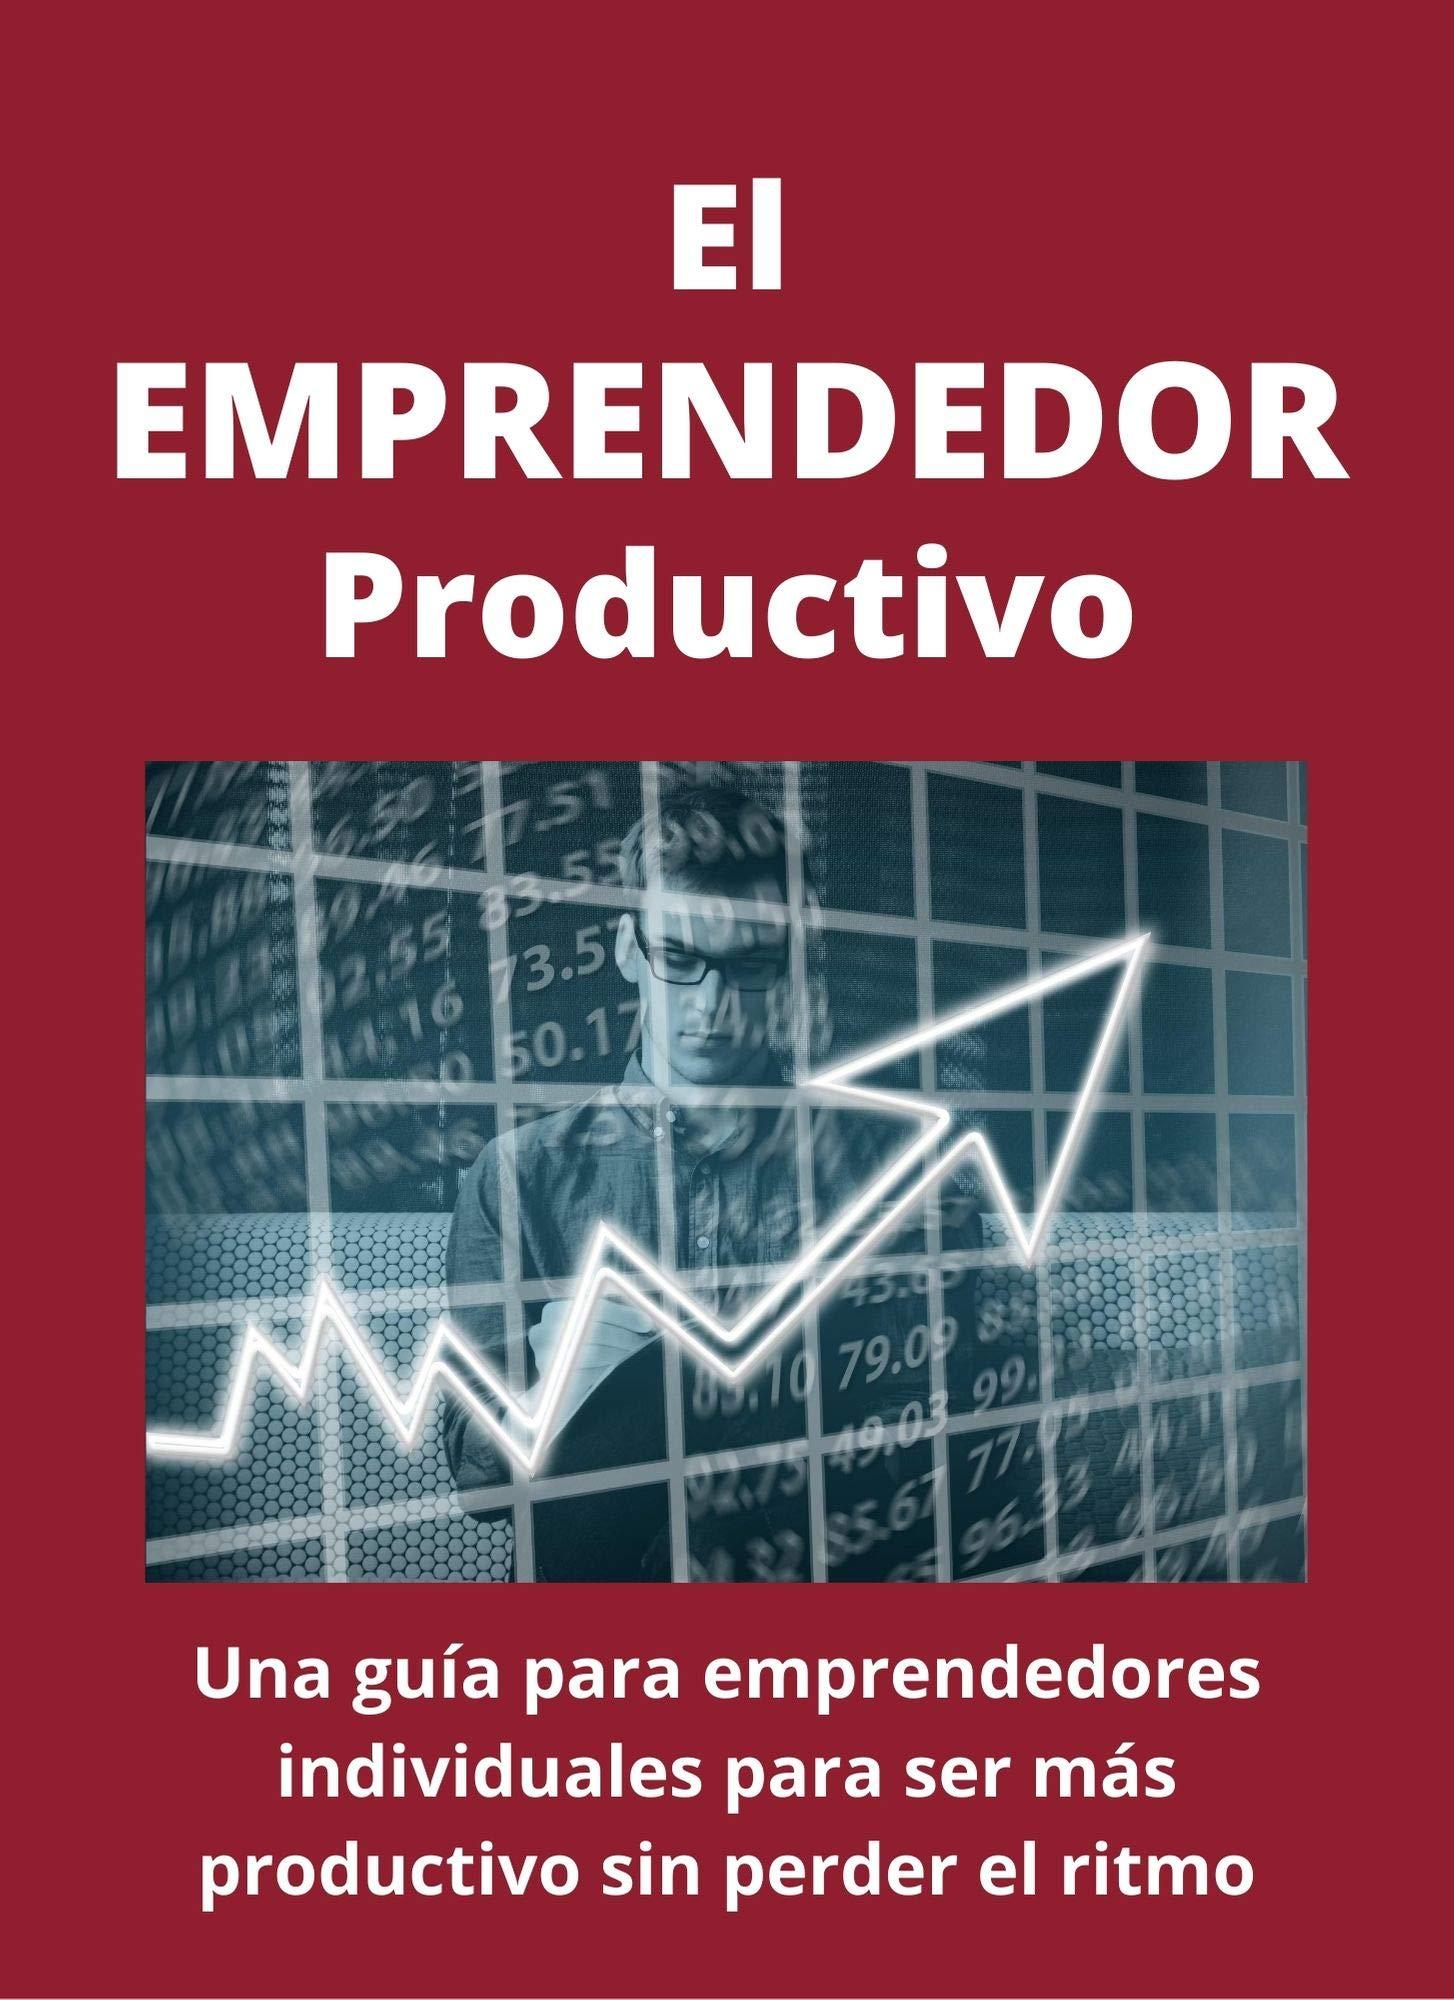 El emprendedor productivo: Una guía para emprendedores individuales para ser más productivo sin perder el ritmo (Spanish Edition)